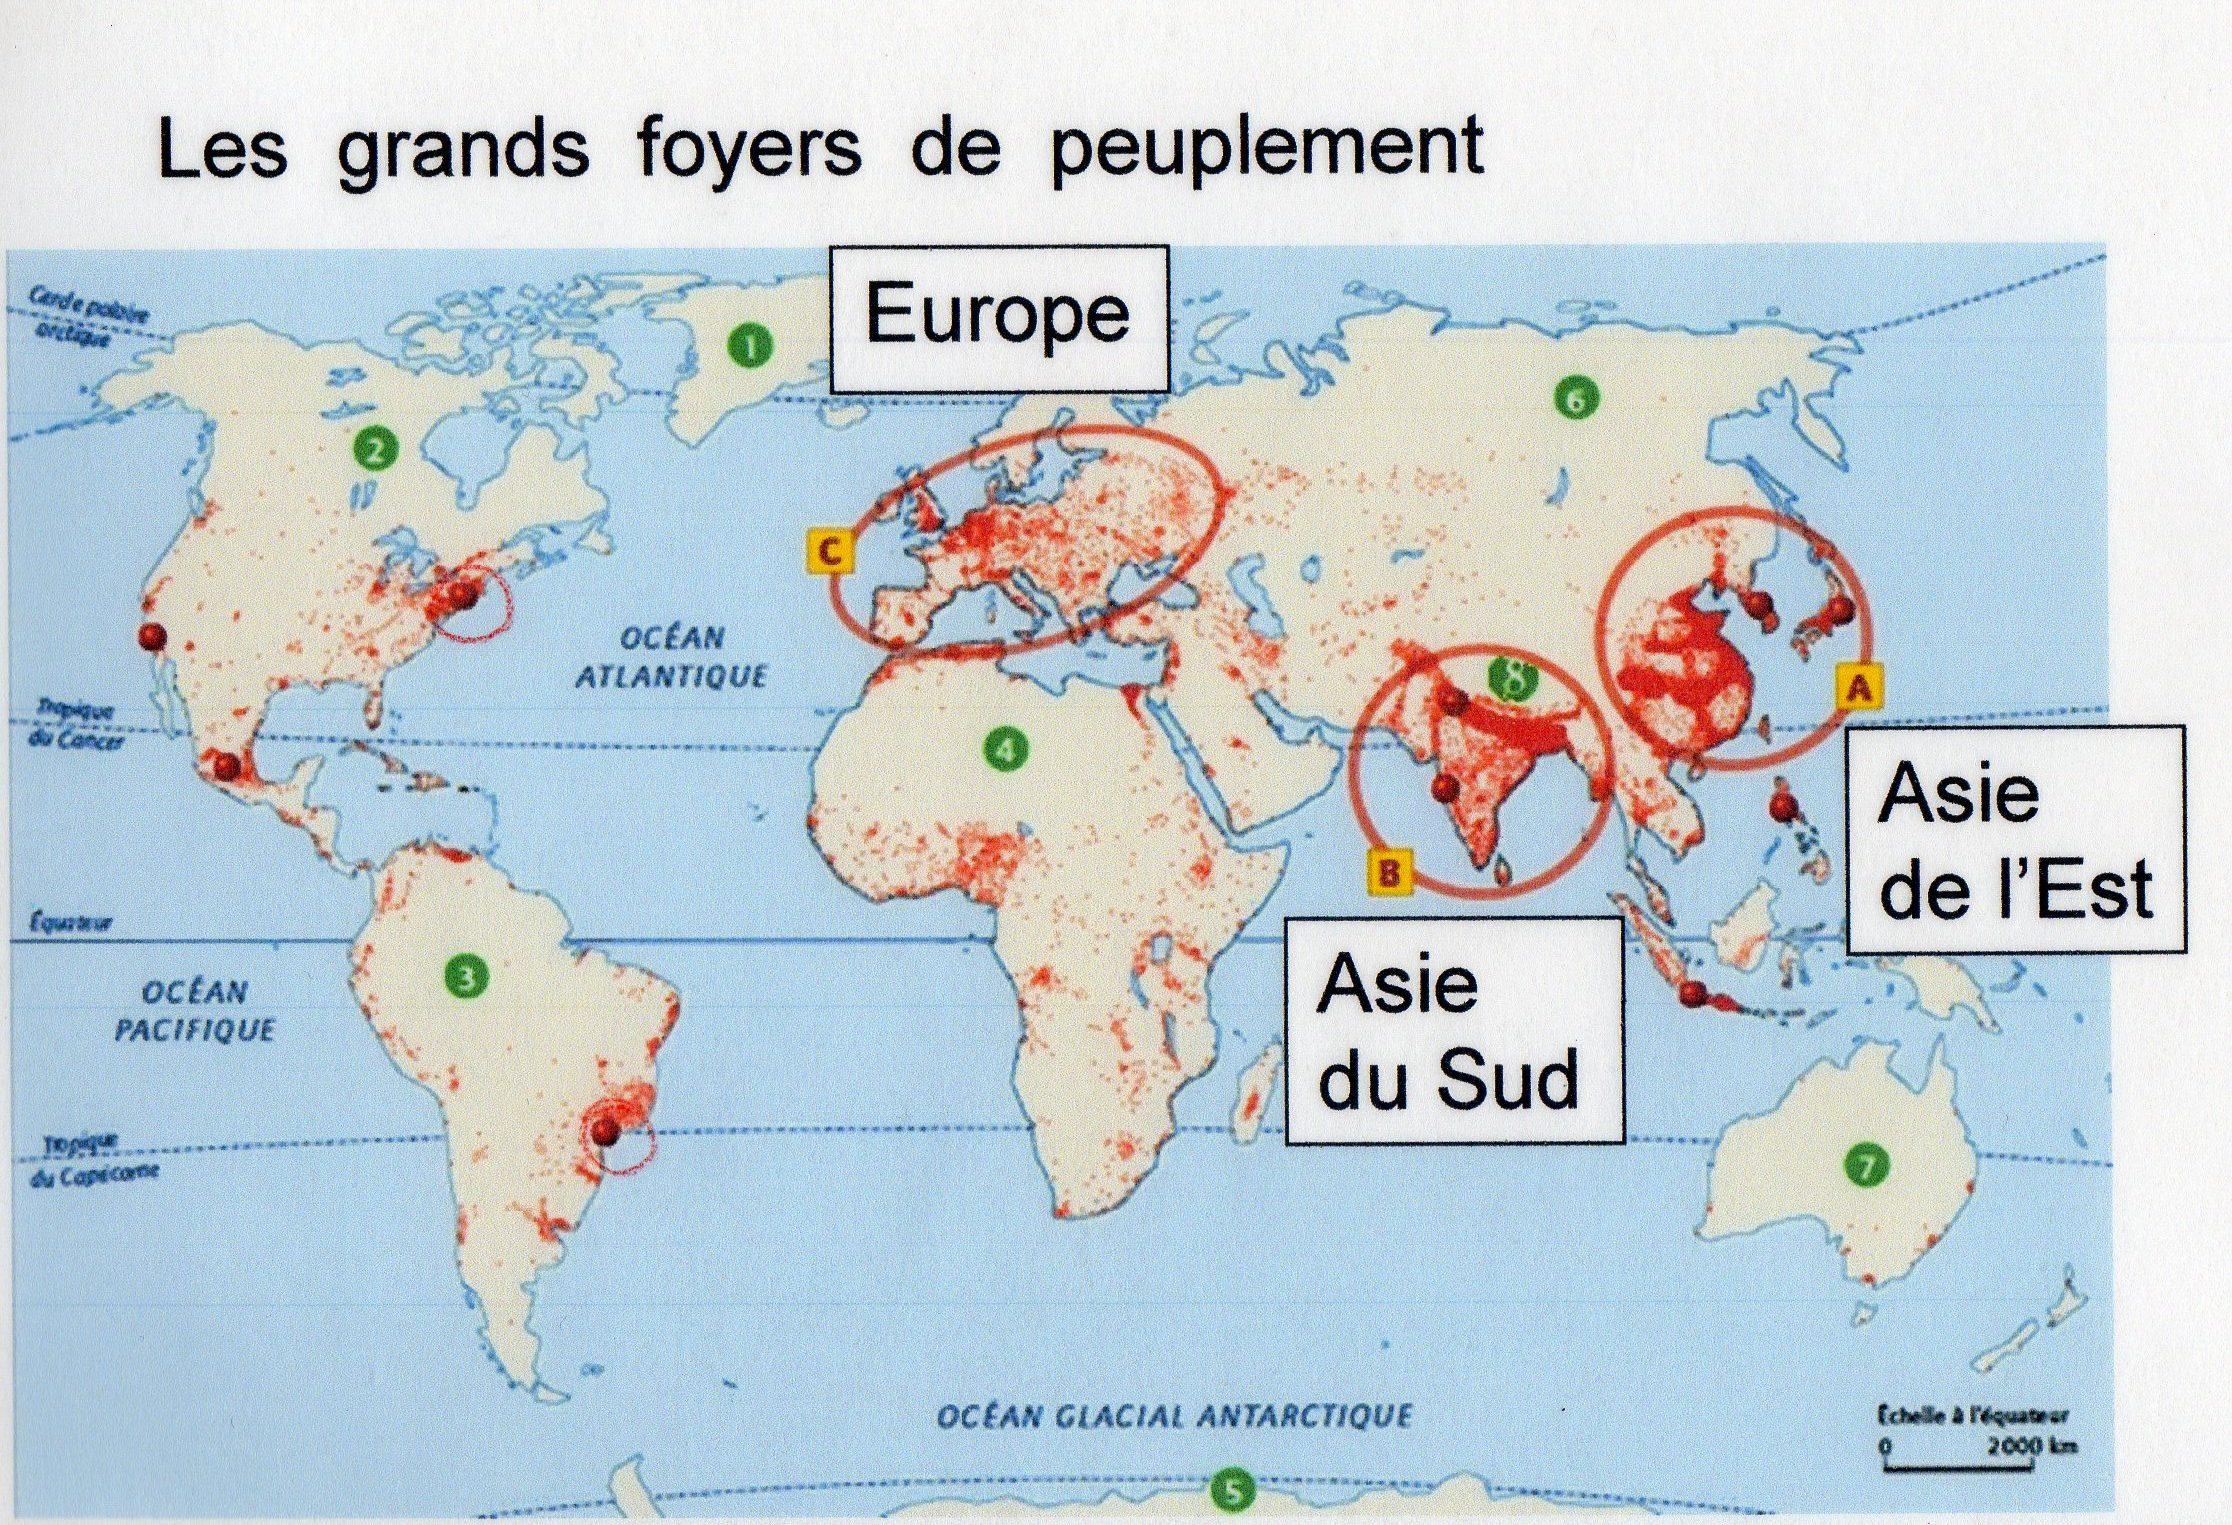 Le monde habité : densité de population, foyer de peuplement